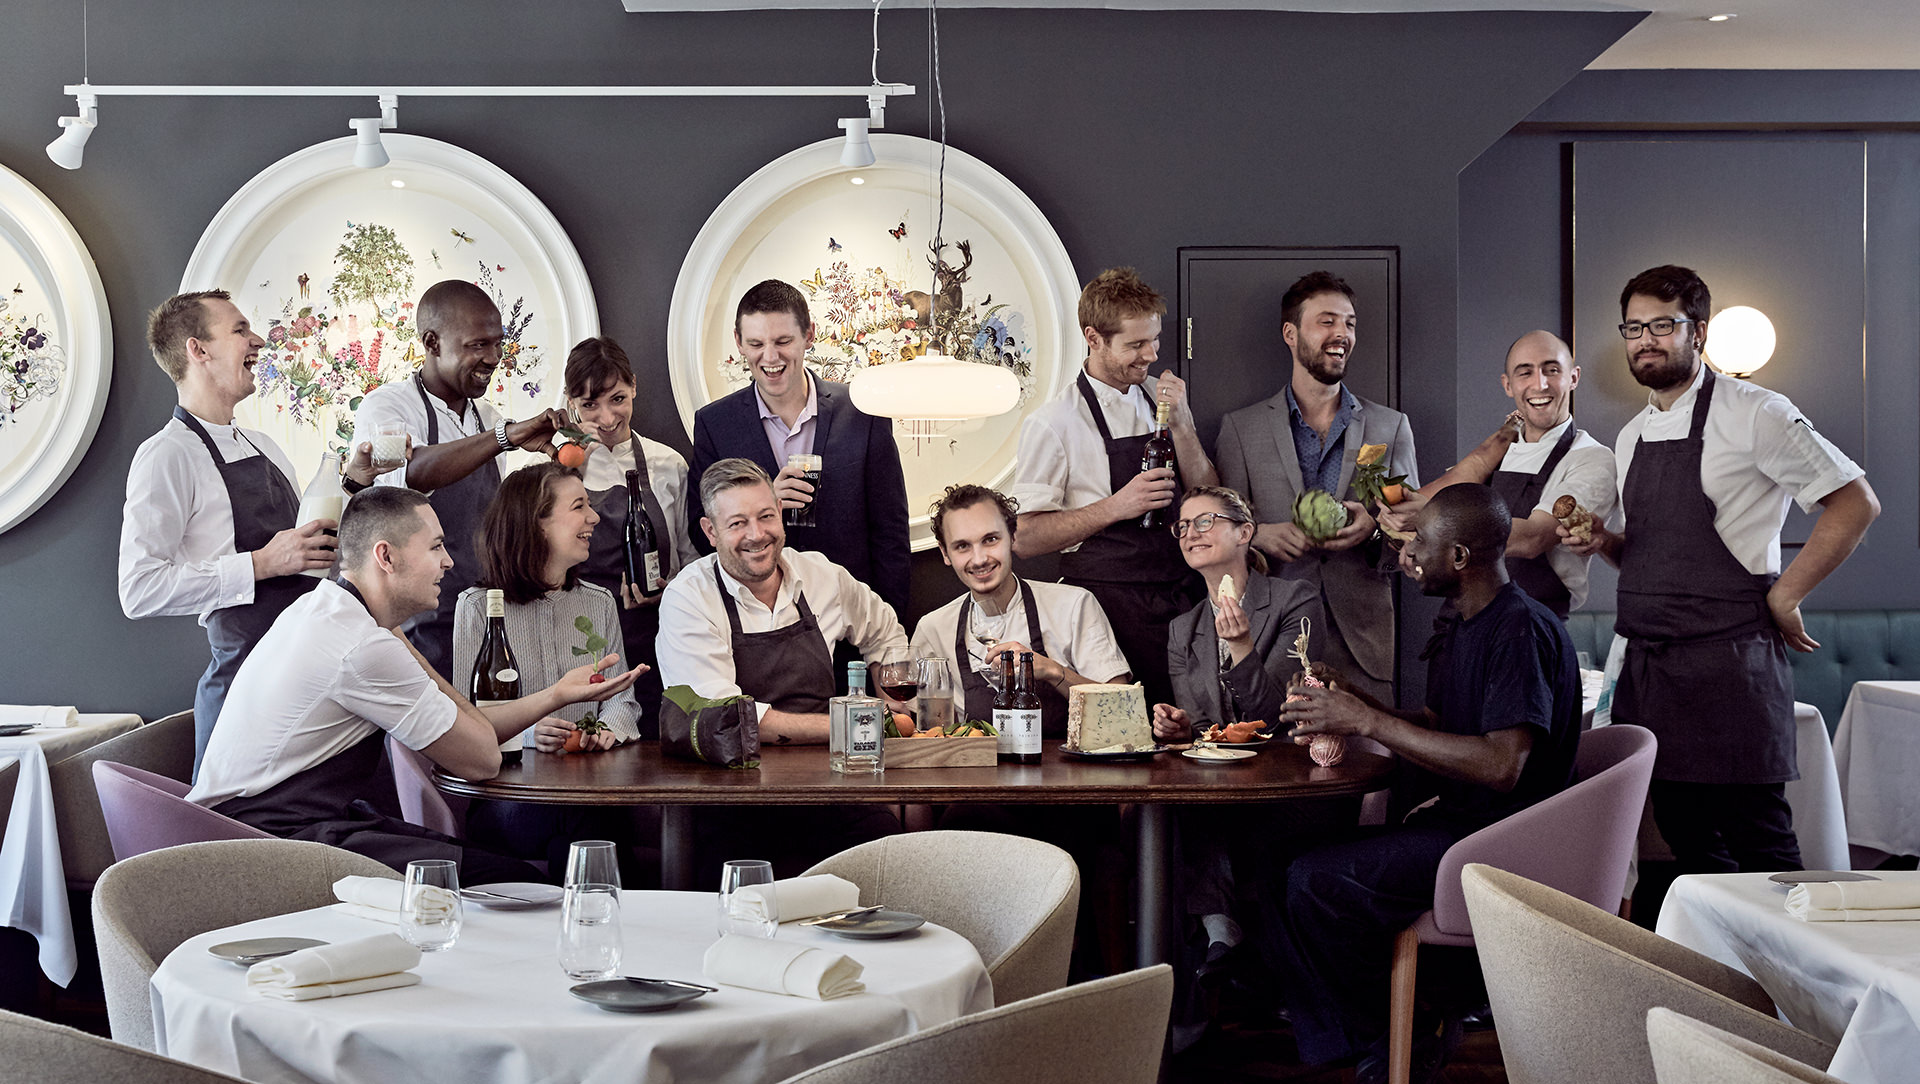 restaurant-staff-corporate-team-michelinstar